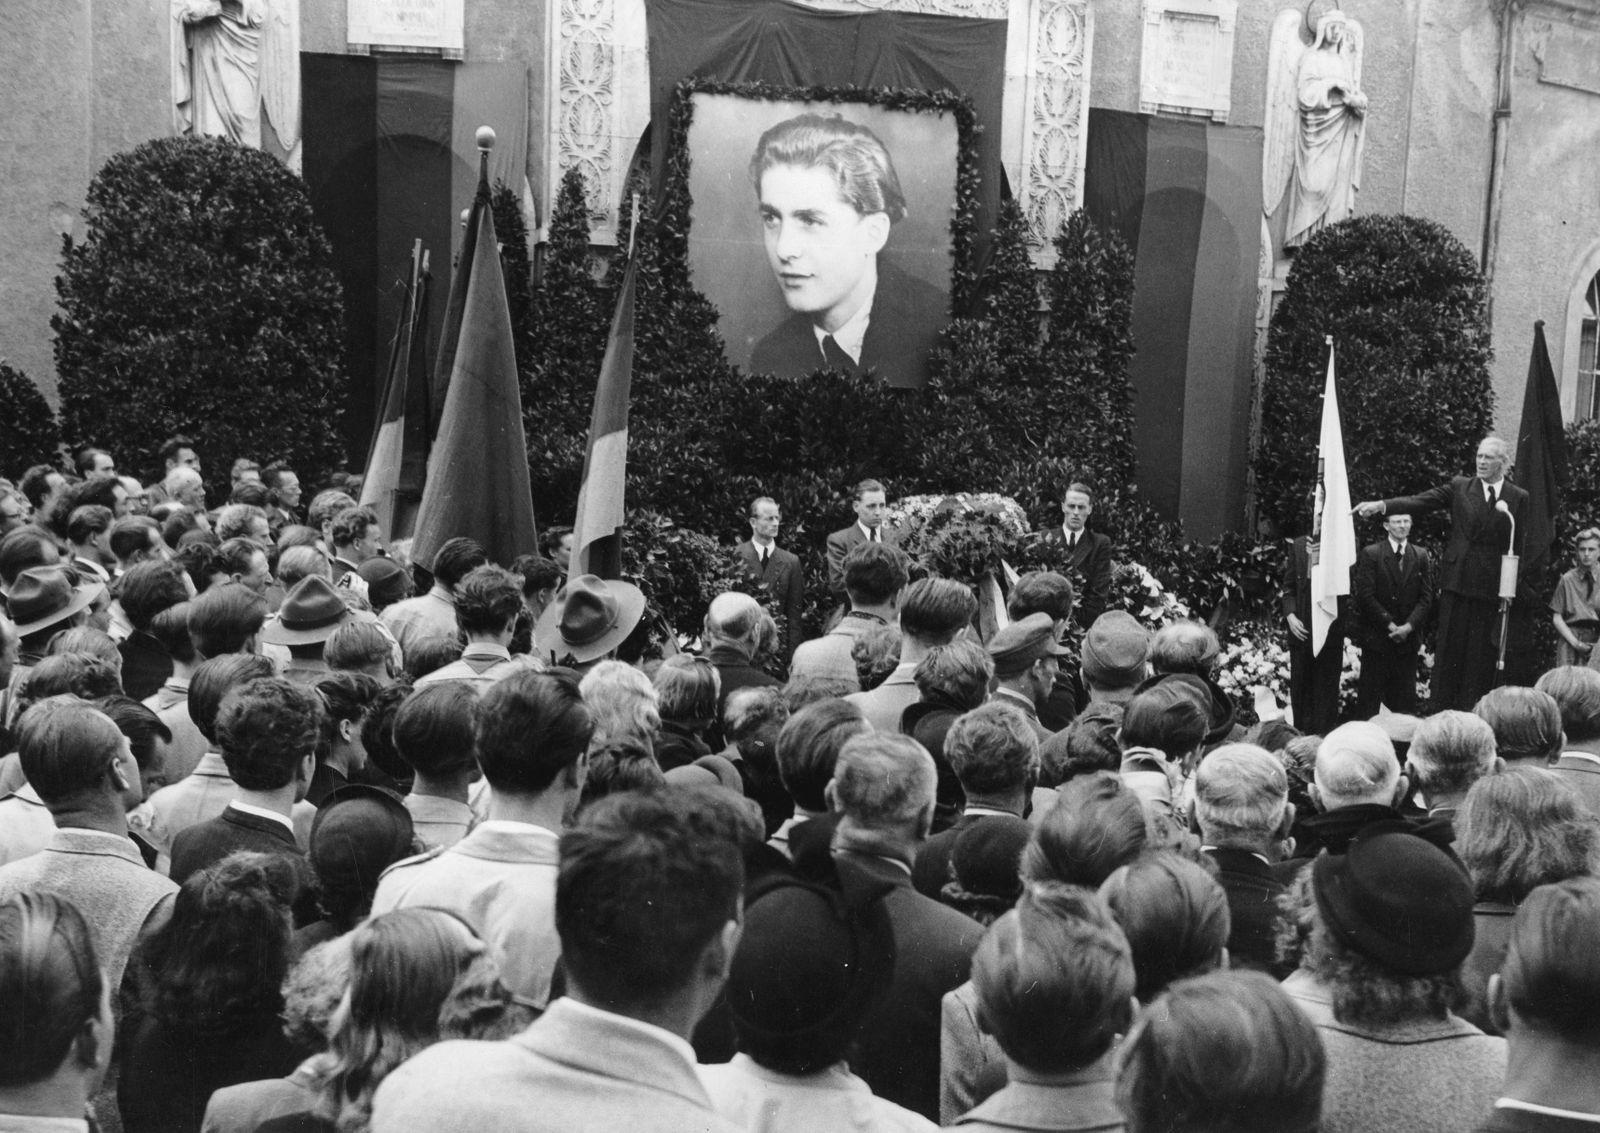 KPD - Trauerfeier in München für den in Essen umgekommenen Philipp Müller (FDJ); Max Reimann spricht